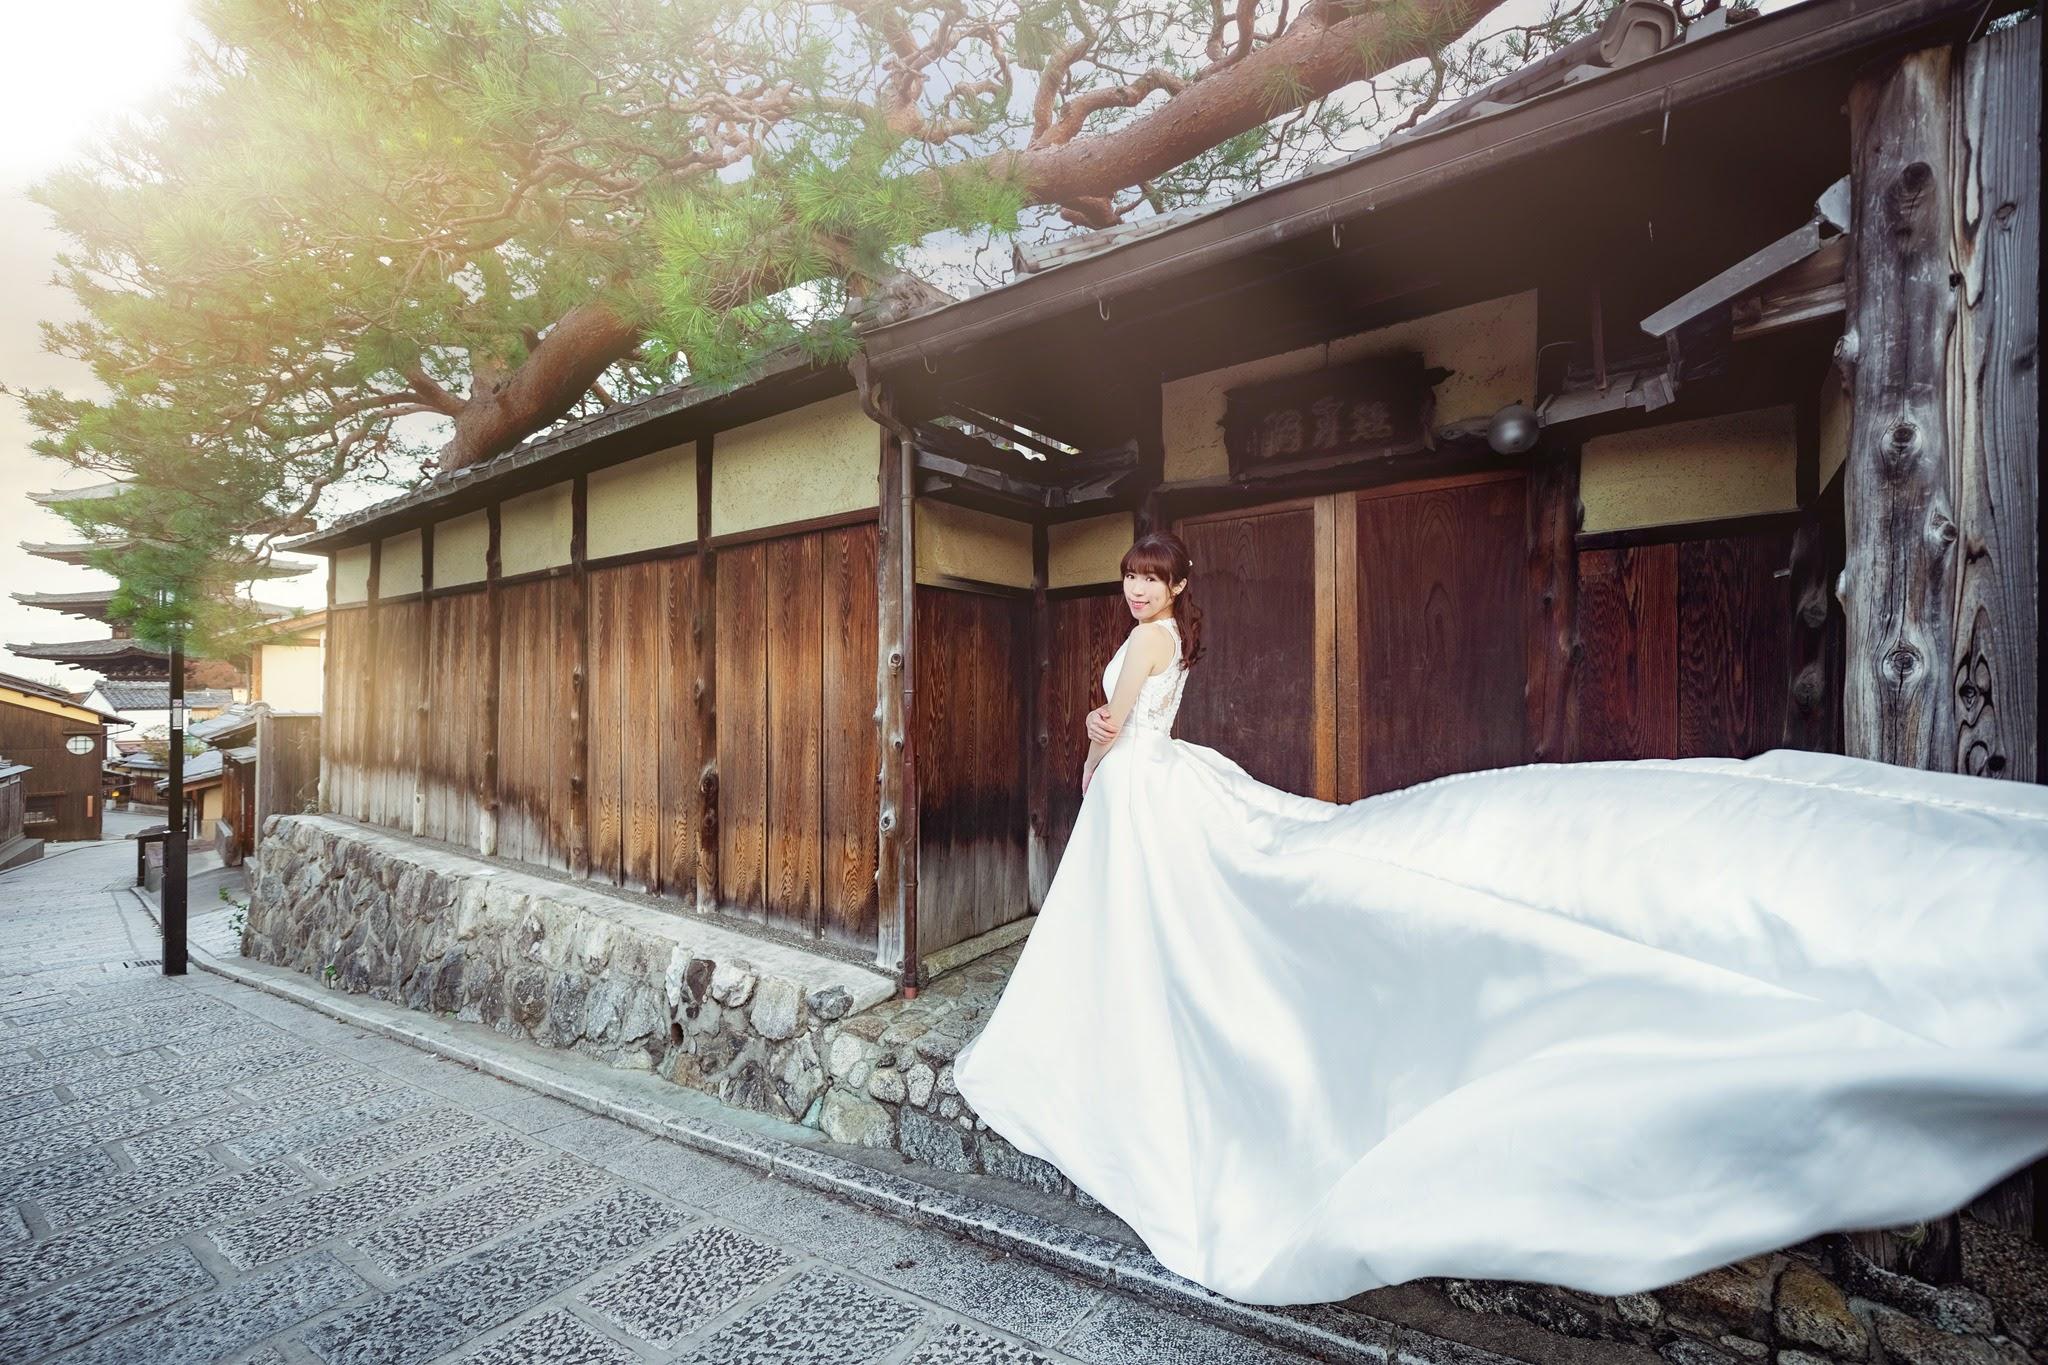 京都楓葉婚紗 二年版 日本京都遊玩 瑪朵婚紗 日本婚紗推薦 楓葉和服婚紗 清水寺 鴨川 嵐山